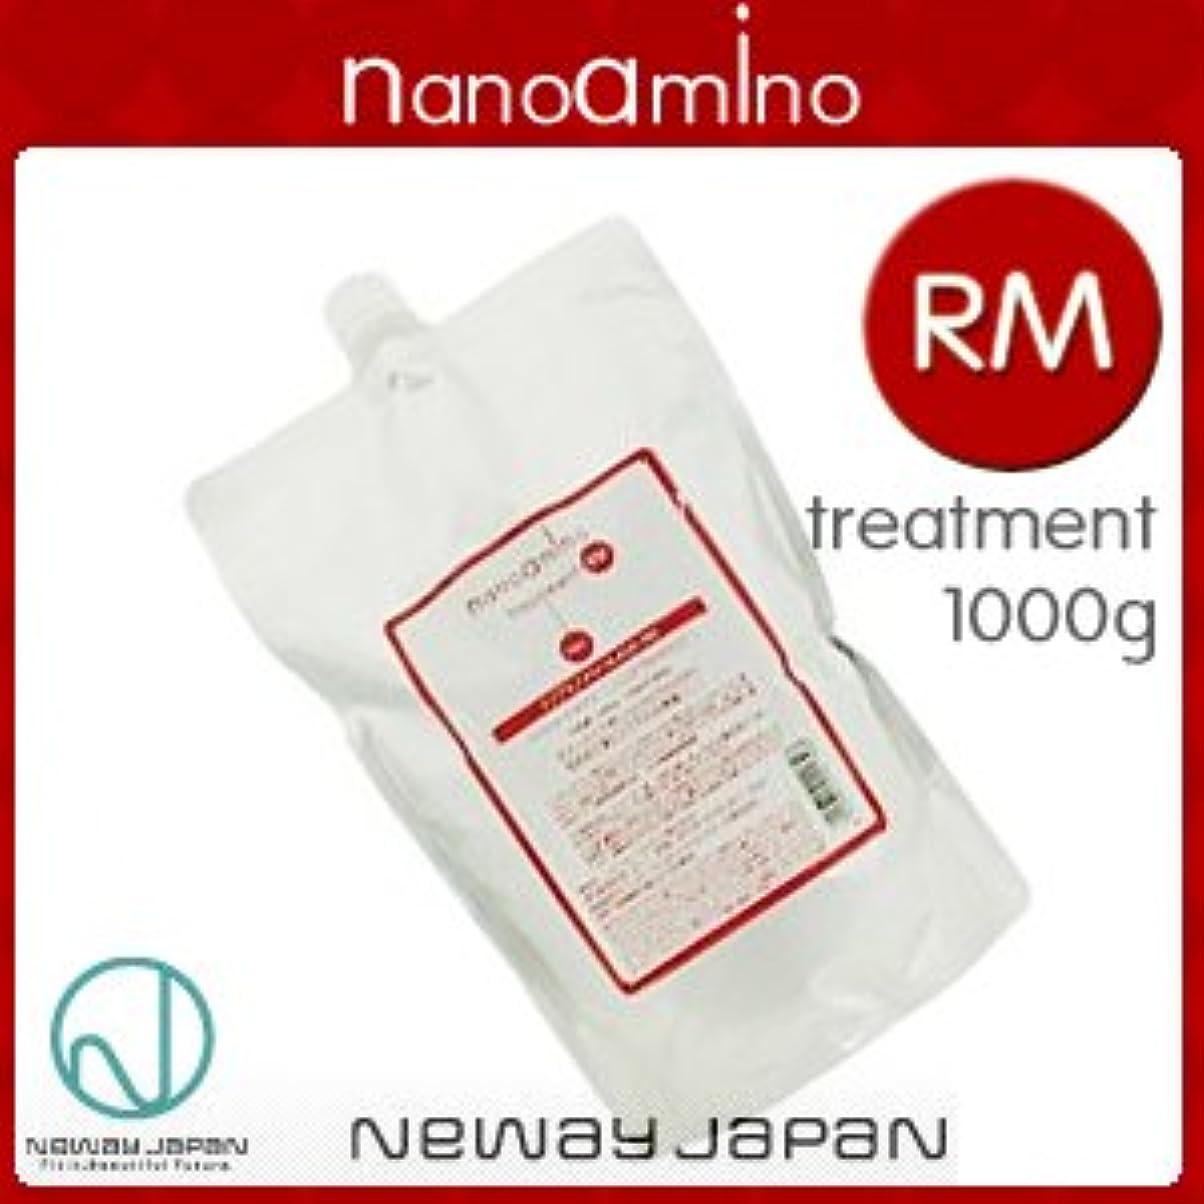 墓キャプチャー尊厳ニューウェイジャパン ナノアミノ トリートメント 詰替え RM 1000g